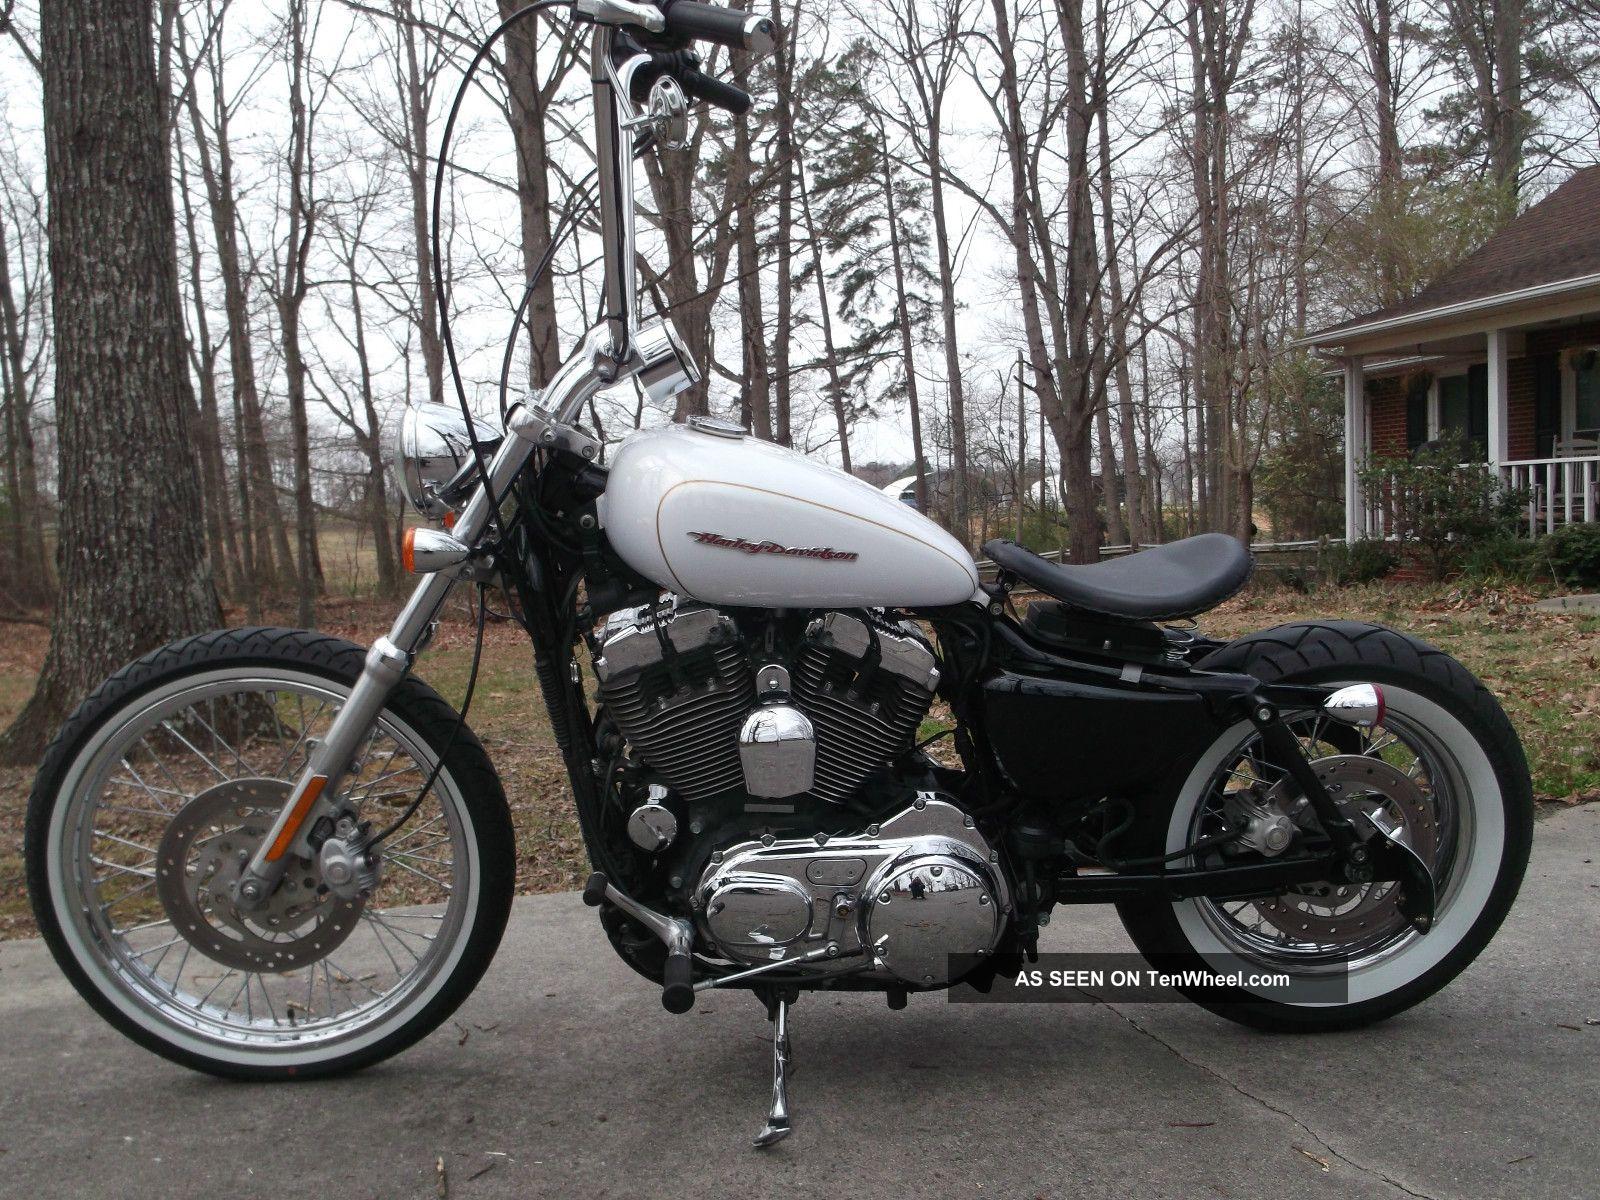 2007 Harley Davidson Sportster 1200c Custom Bobber Chopper